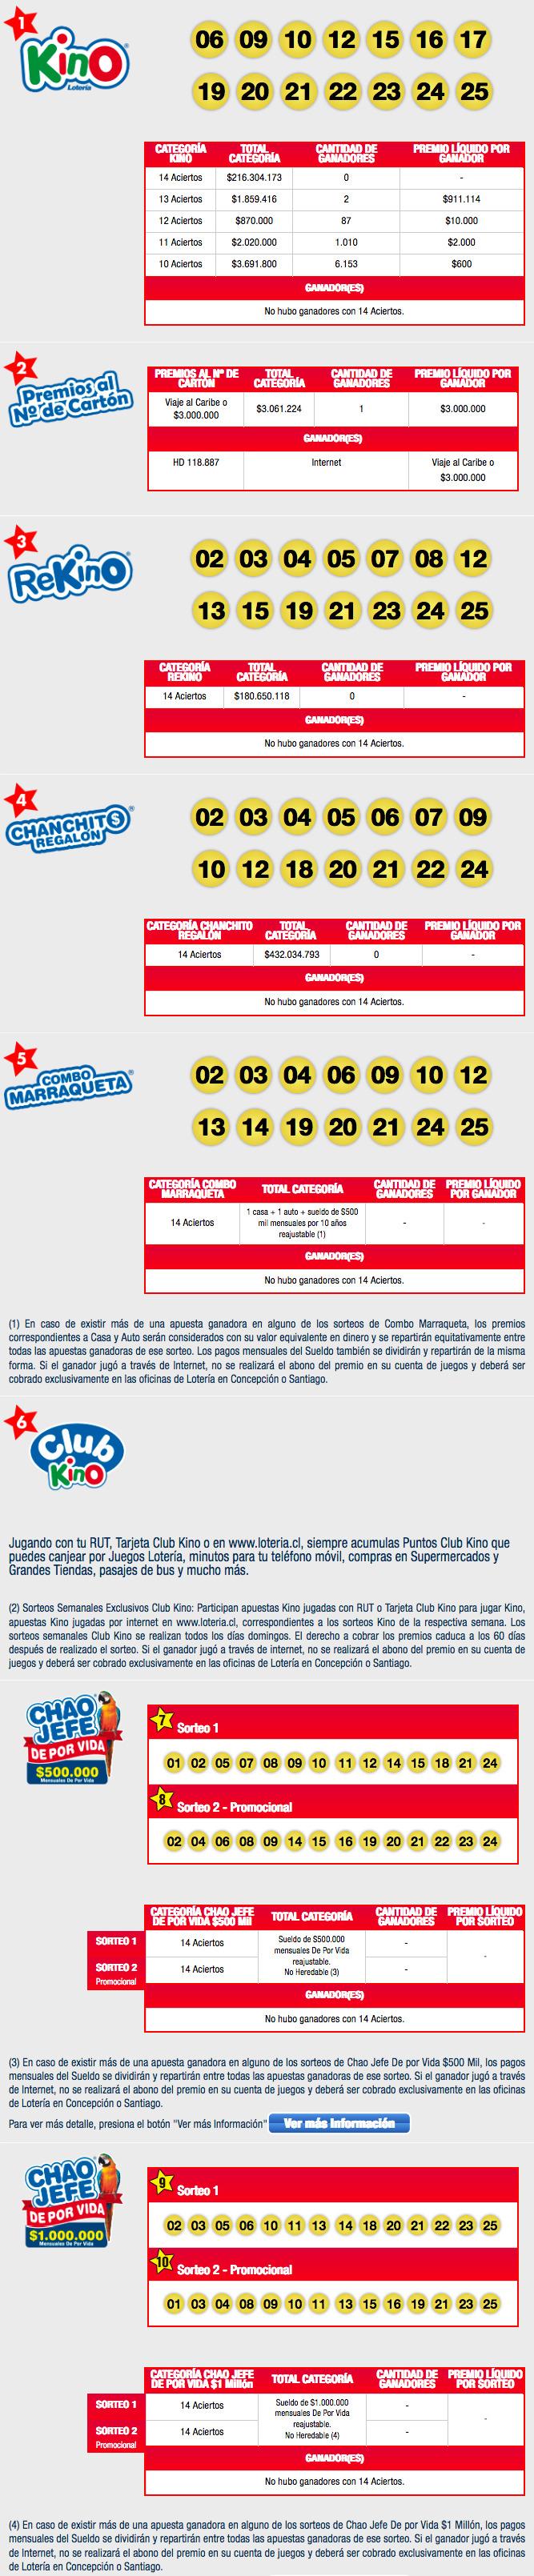 Resultados Kino Chile Sorteo 2106